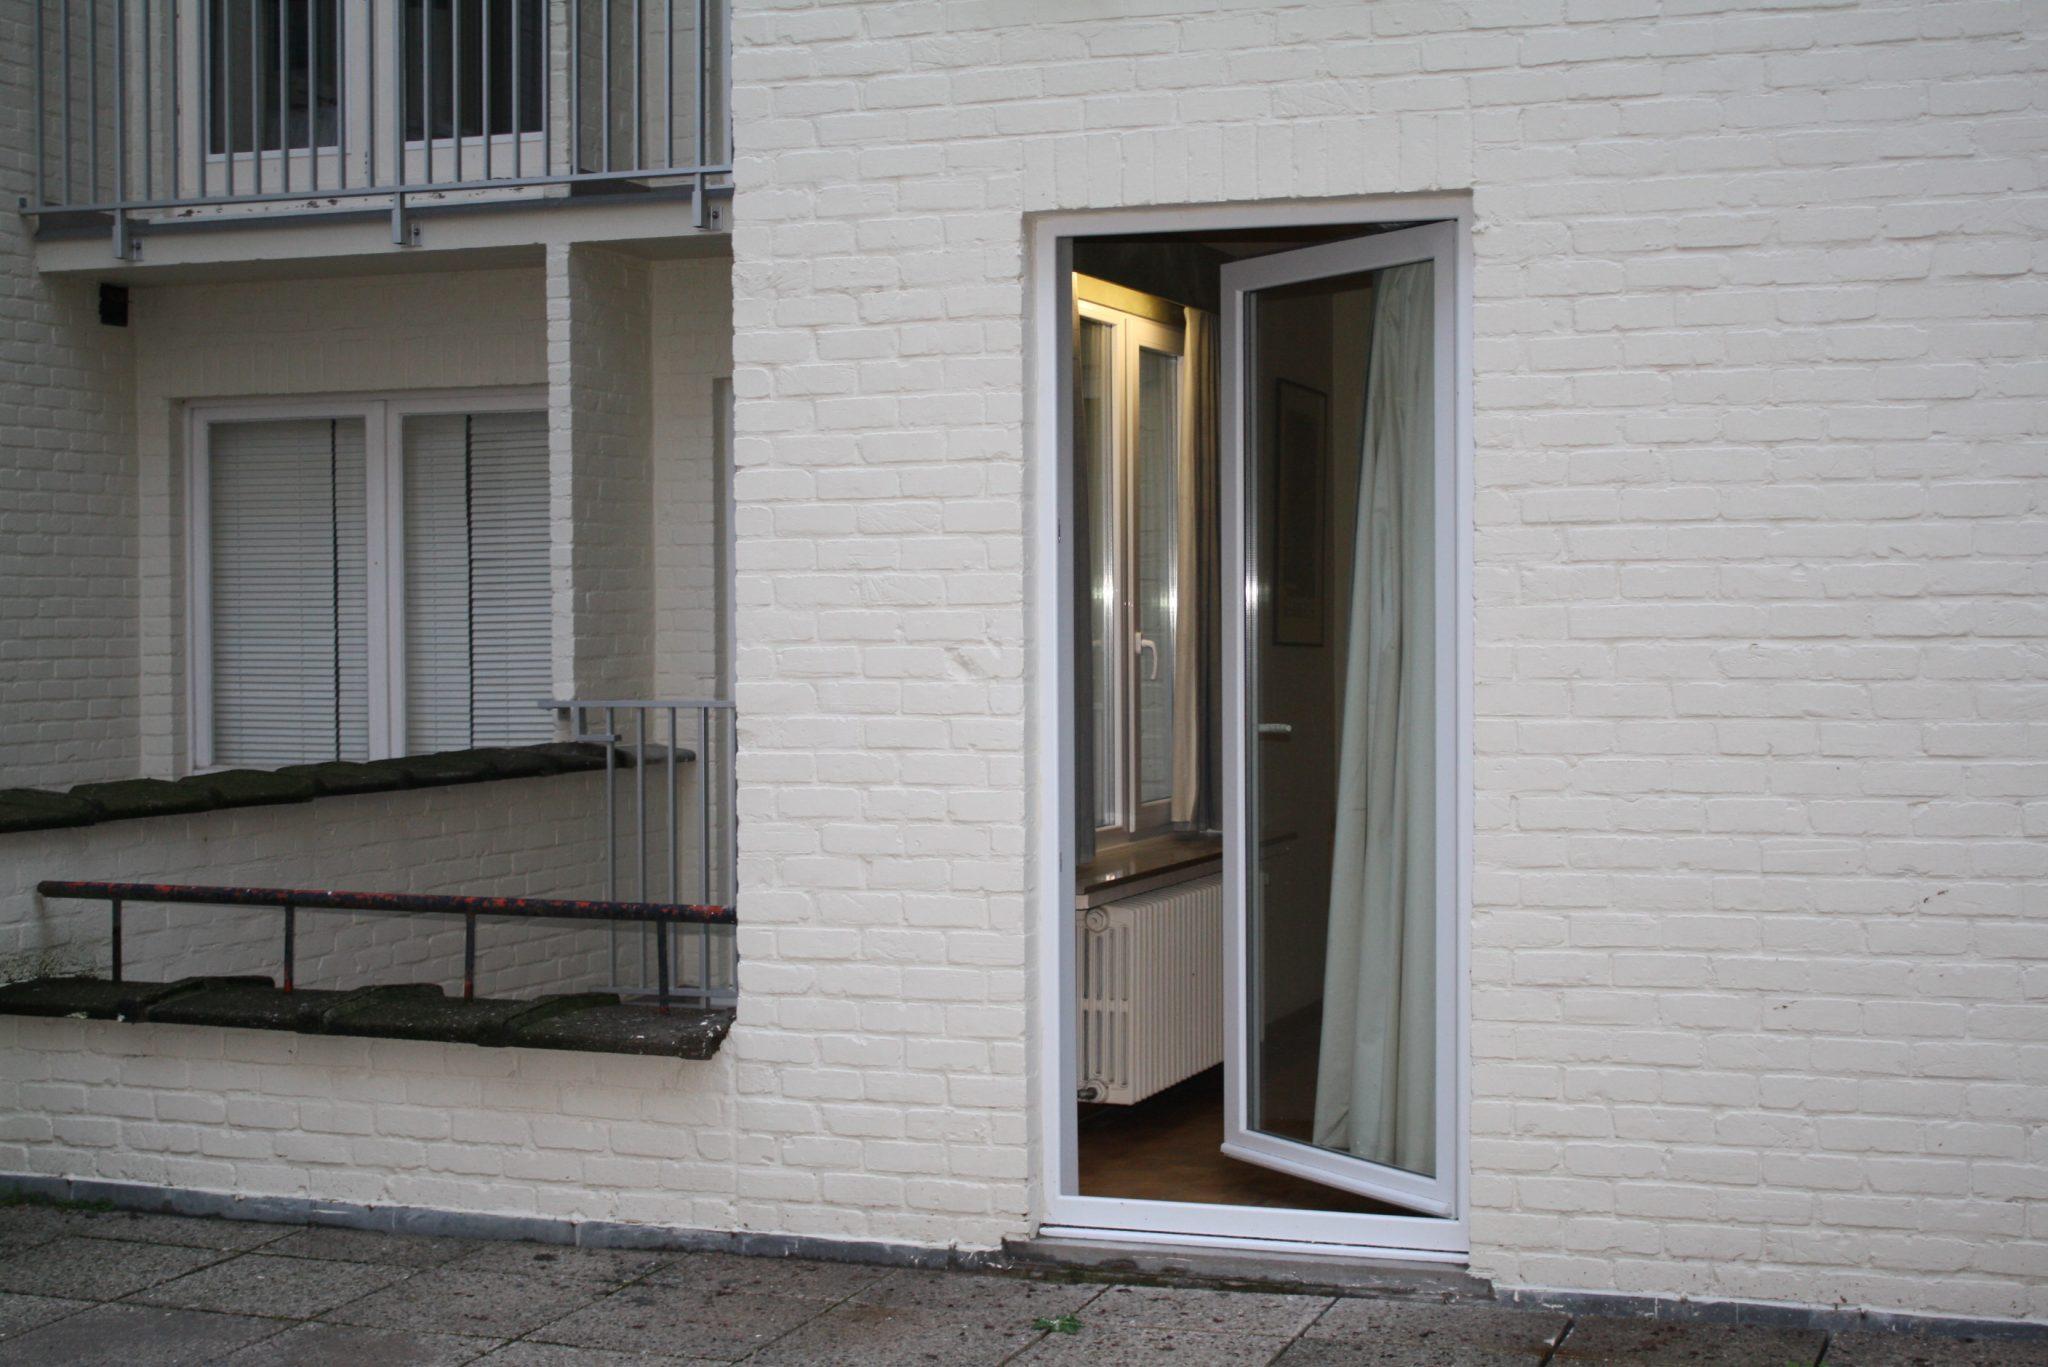 Reygaertsvliet-nieuwe foto's 1A 025